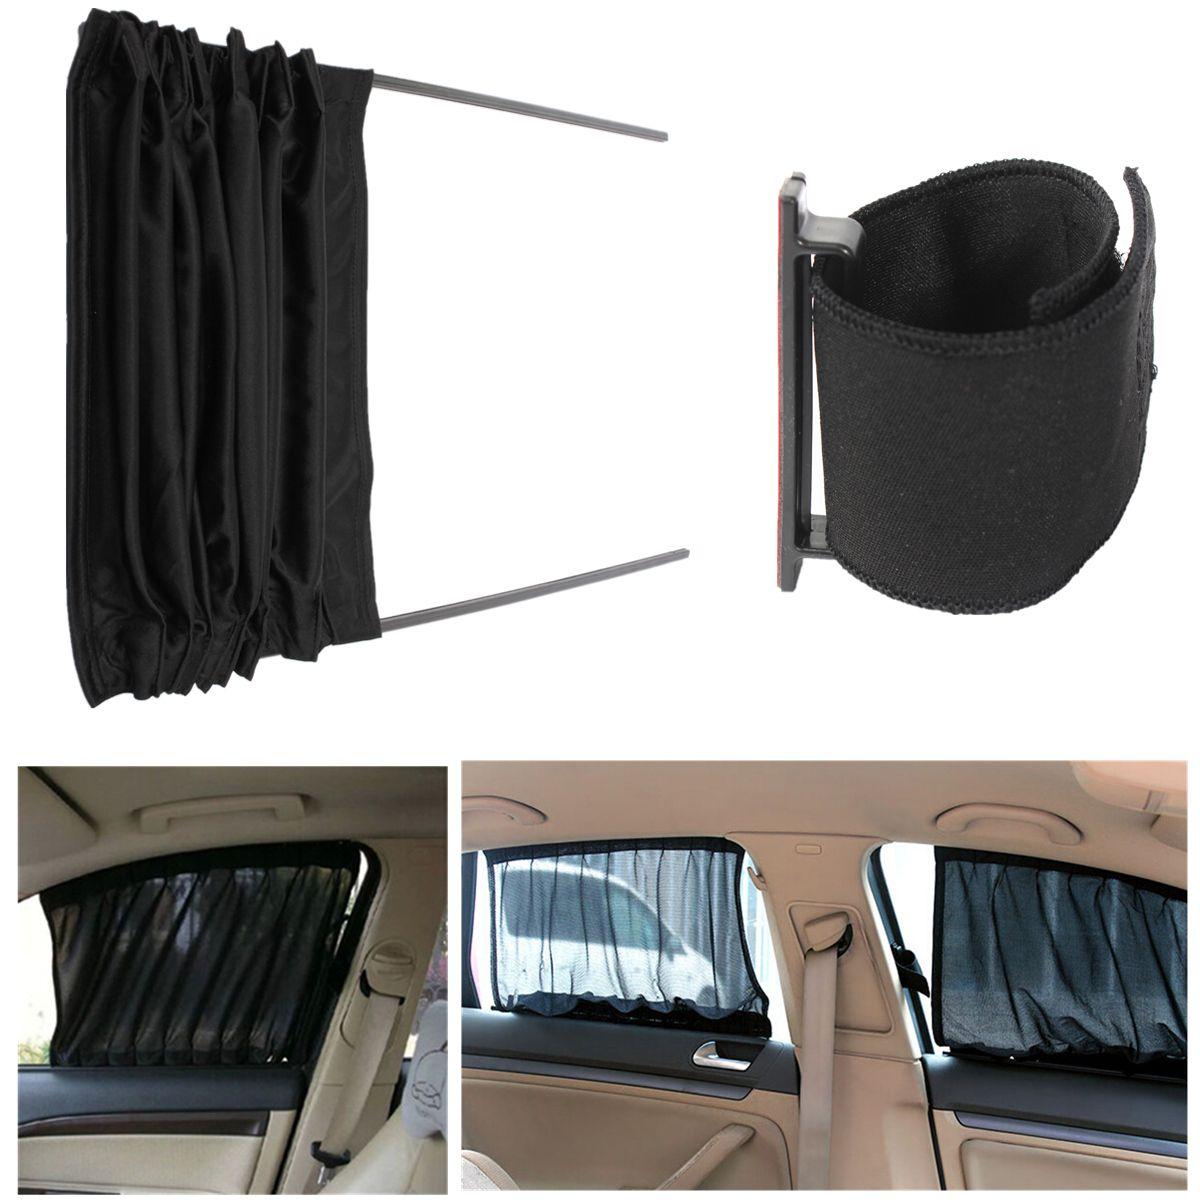 2pcs 70cm Mesh Auto Rear Valance UV Sunshade Drape Visor Car Window Curtain